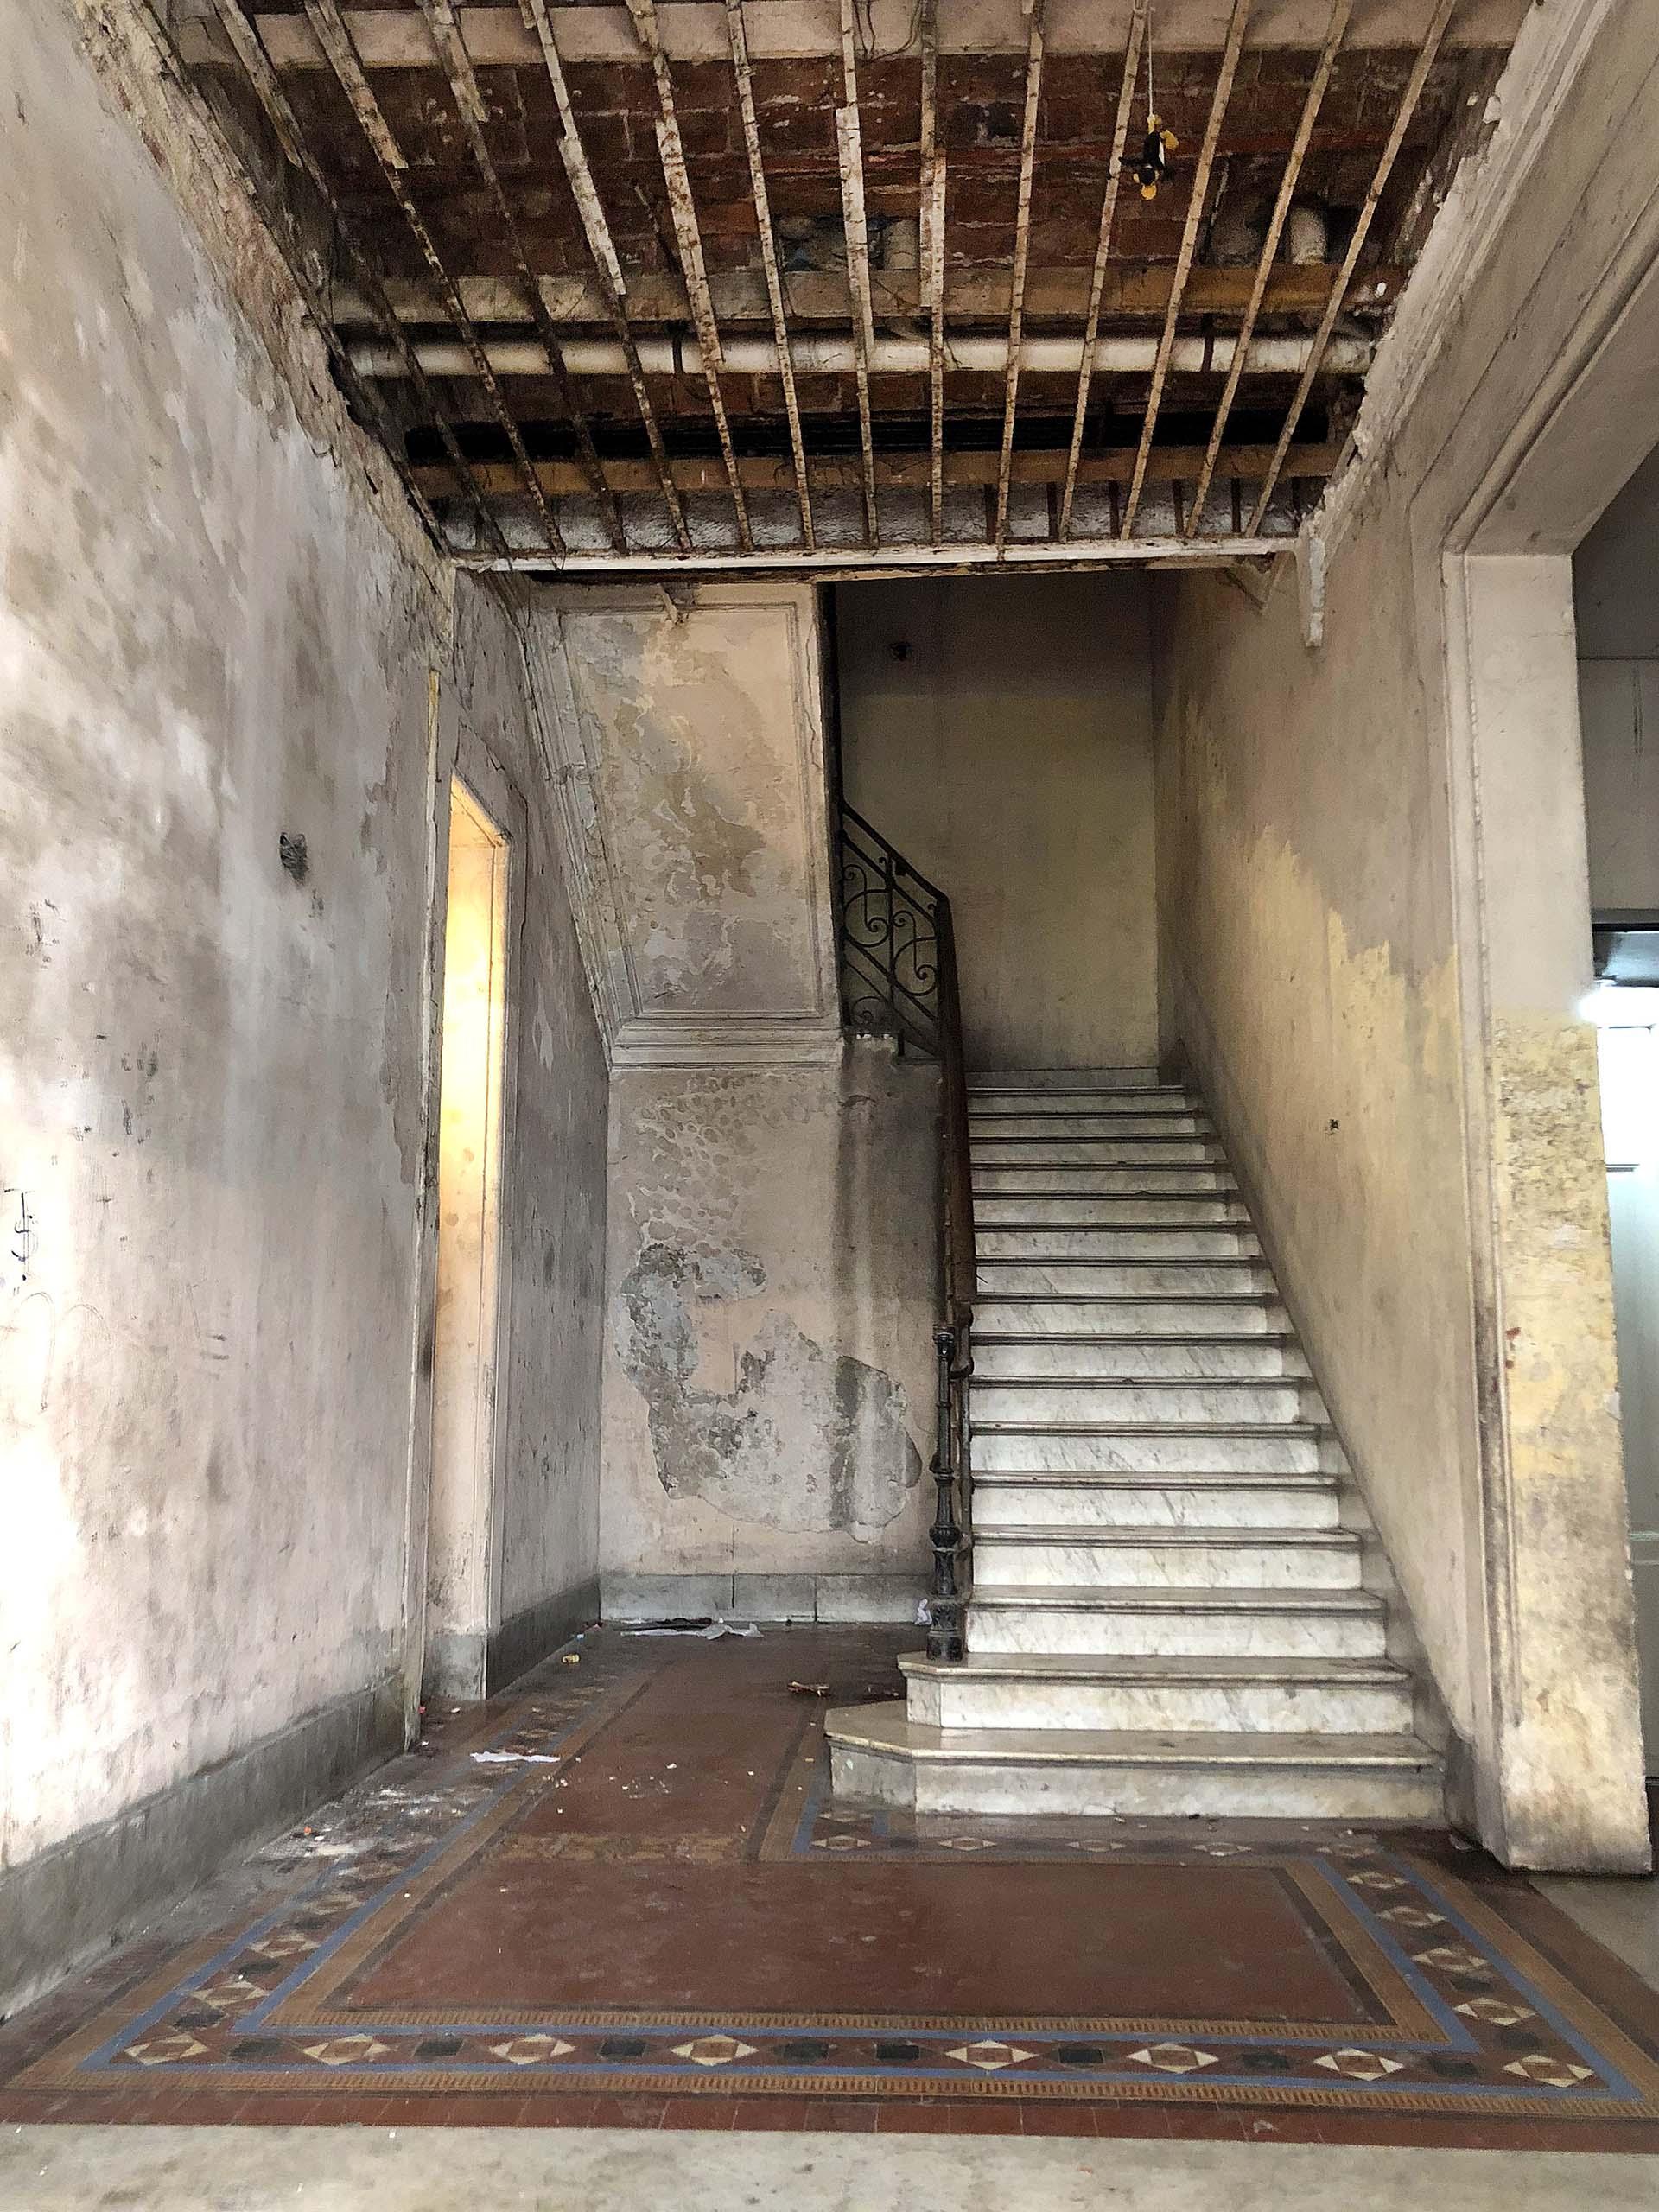 Las entrañas de un edificio en la calle Defensa, a dos cuadras de Plaza de Mayo, entre Alsina y Moreno: